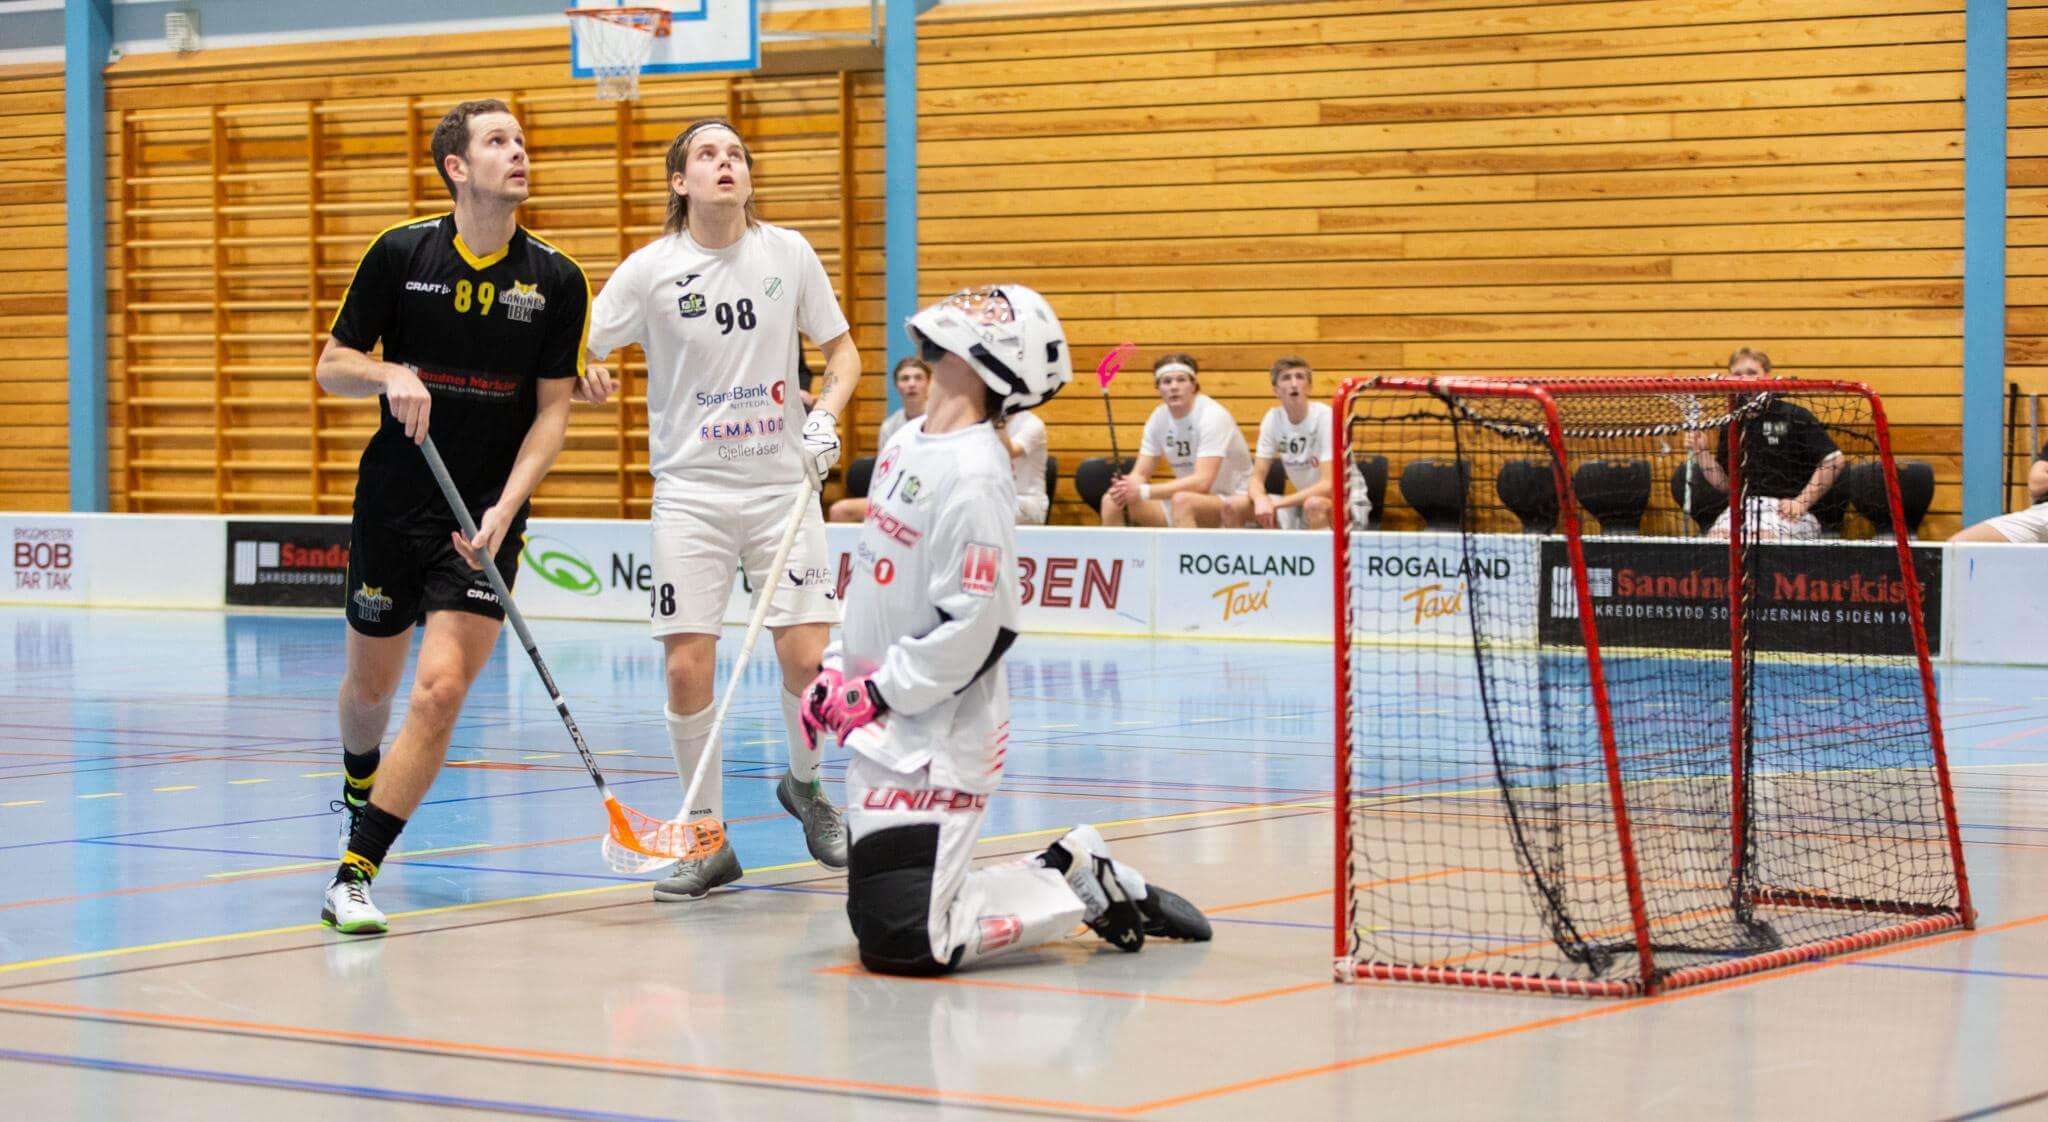 Bilder fra Sandnes kamp mot Gjelleråsen 16. januar 2021.